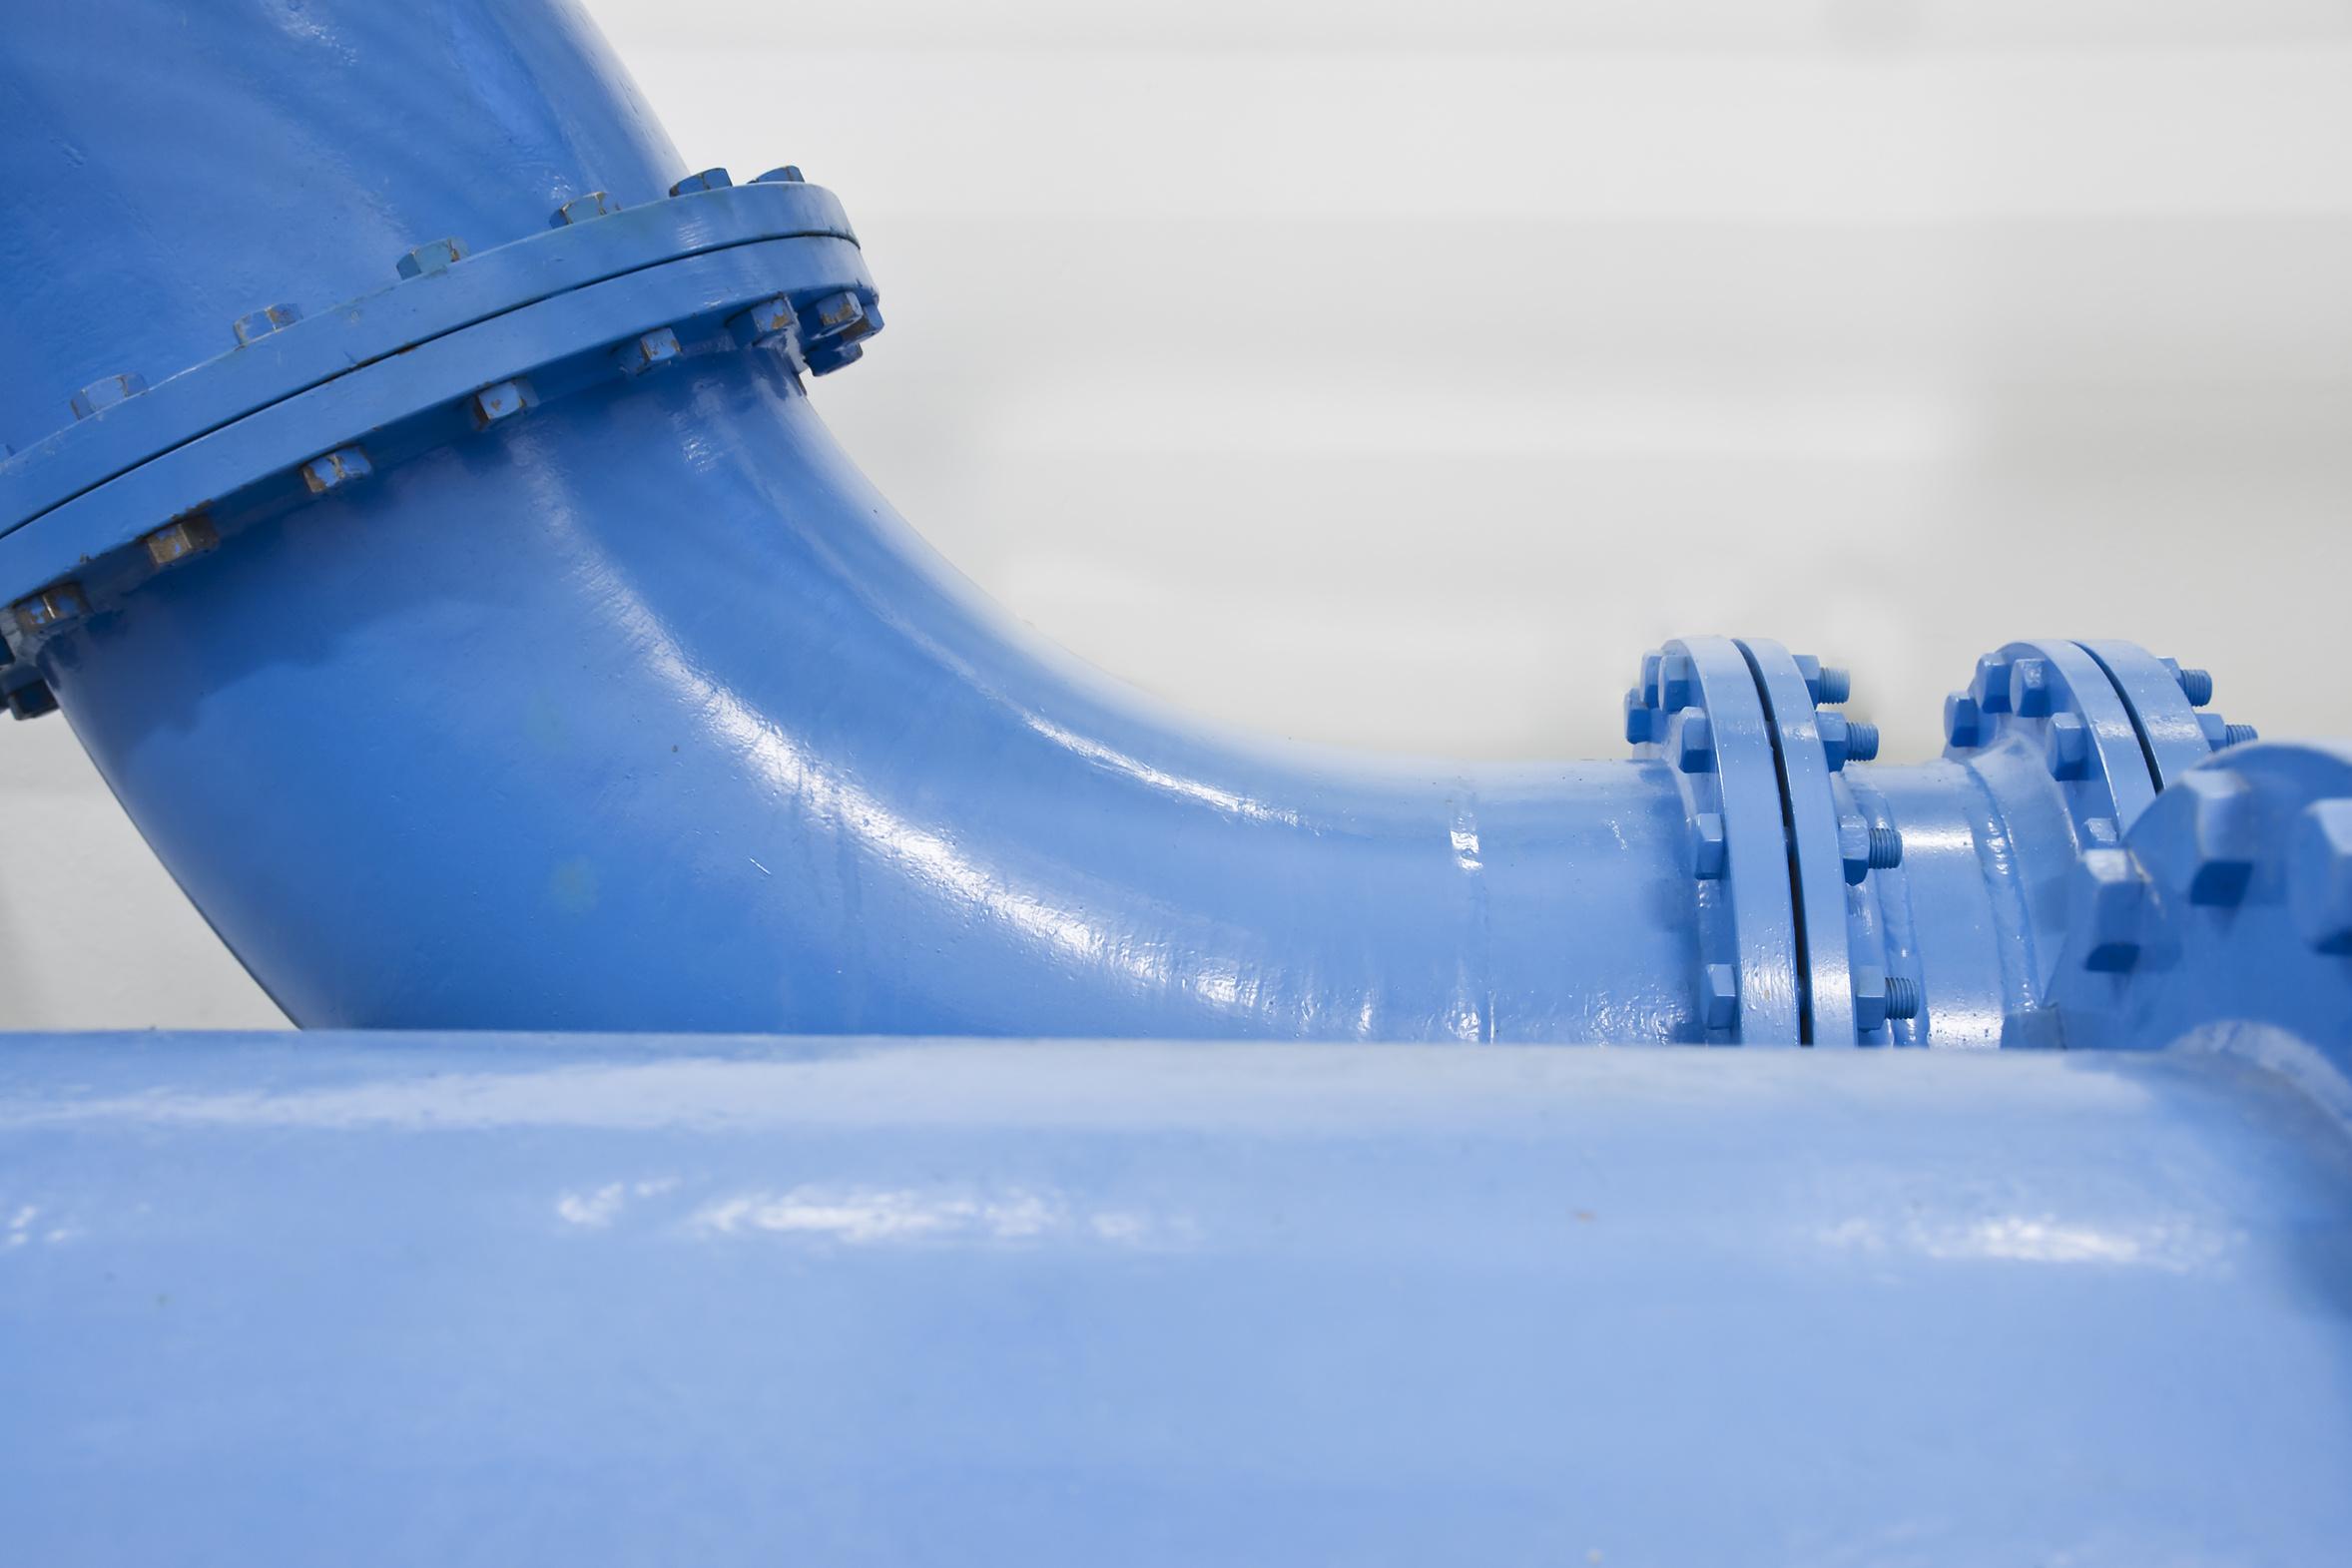 Alle Mitwirkenden der deutschen Wasserwirtschaft zeichnet ein hohes Maß an Verantwortung aus.